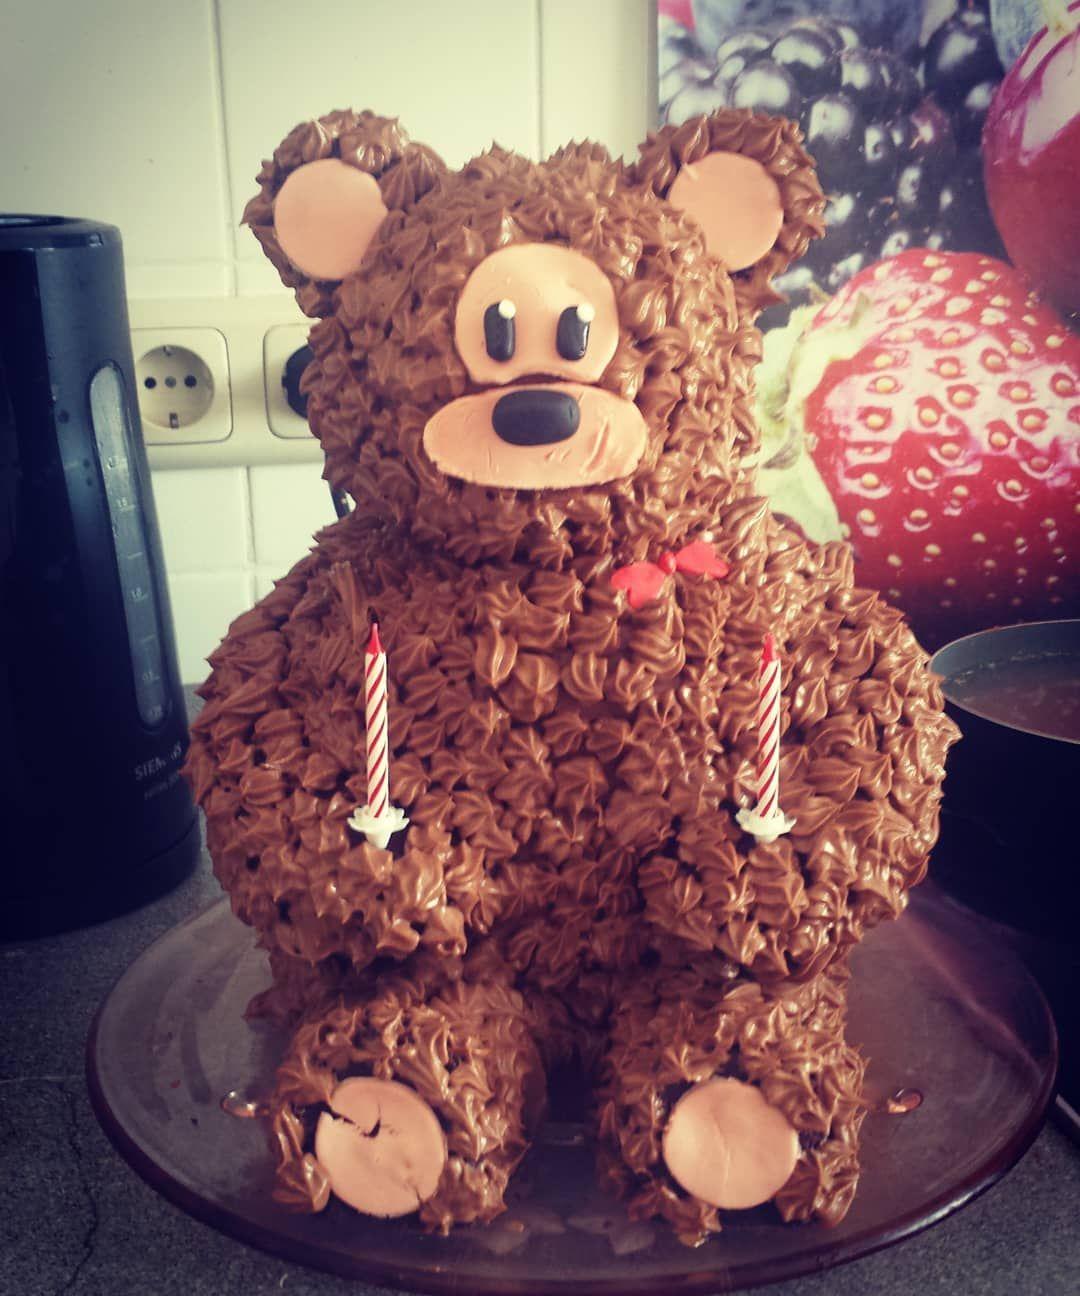 So heute gibt es mein persönliches Highlight meiner bisherigen Hobbybäcker-Karriere. Den Bären zum zweiten Geburtstag meiner Nichte. Das war vielleicht eine Arbeit, aber sie hatte sich gelohnt. So stolz war ich noch nie auf mich 😅